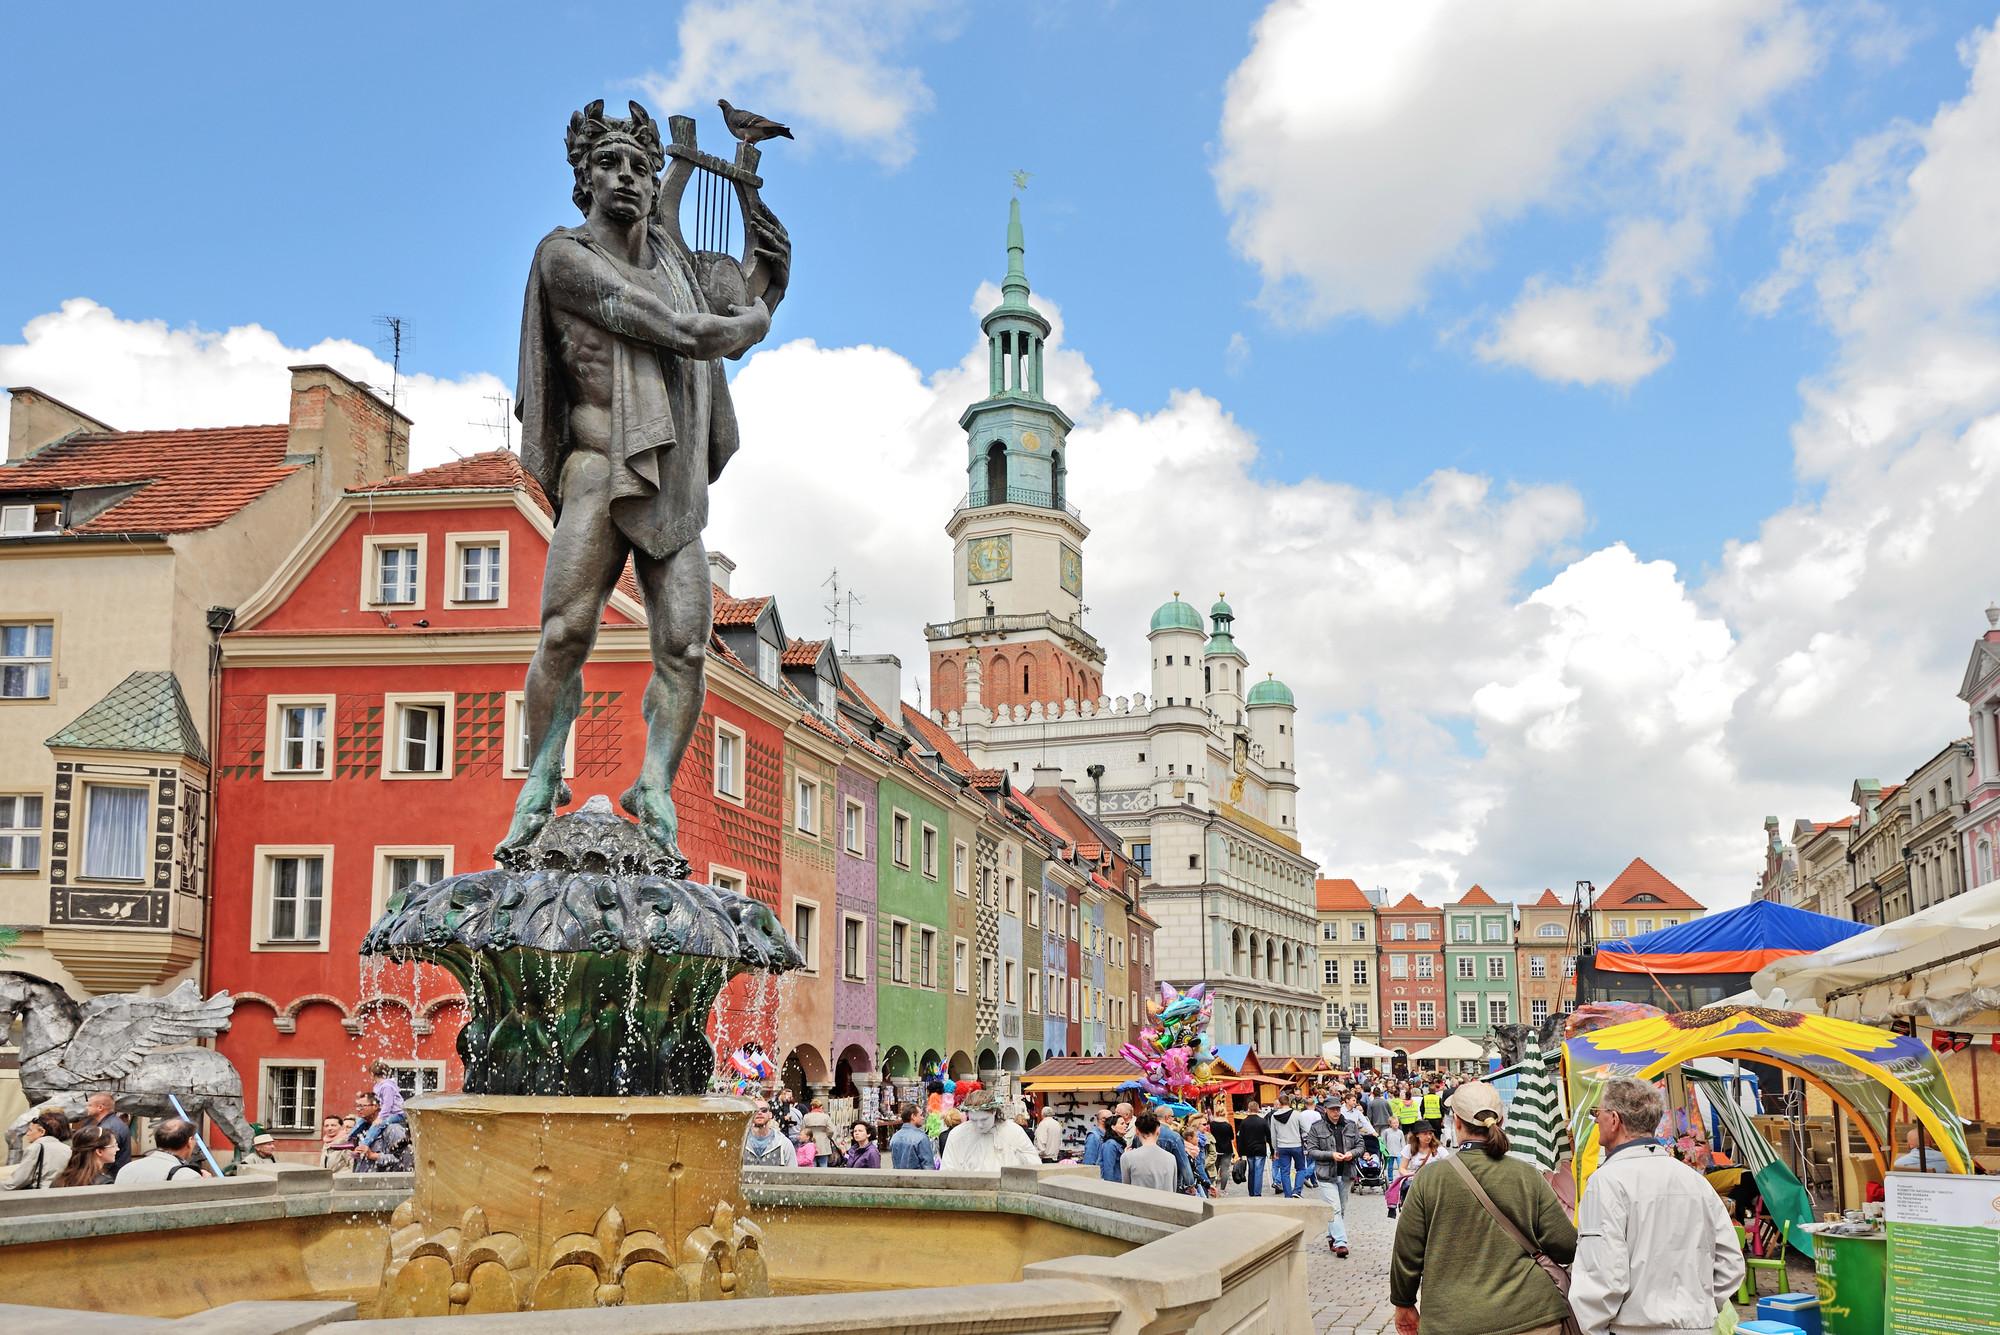 Poznan Market Square, Greater Poland (Wielkopolska) Photo by Tomasz Warszewski/AdobeStock